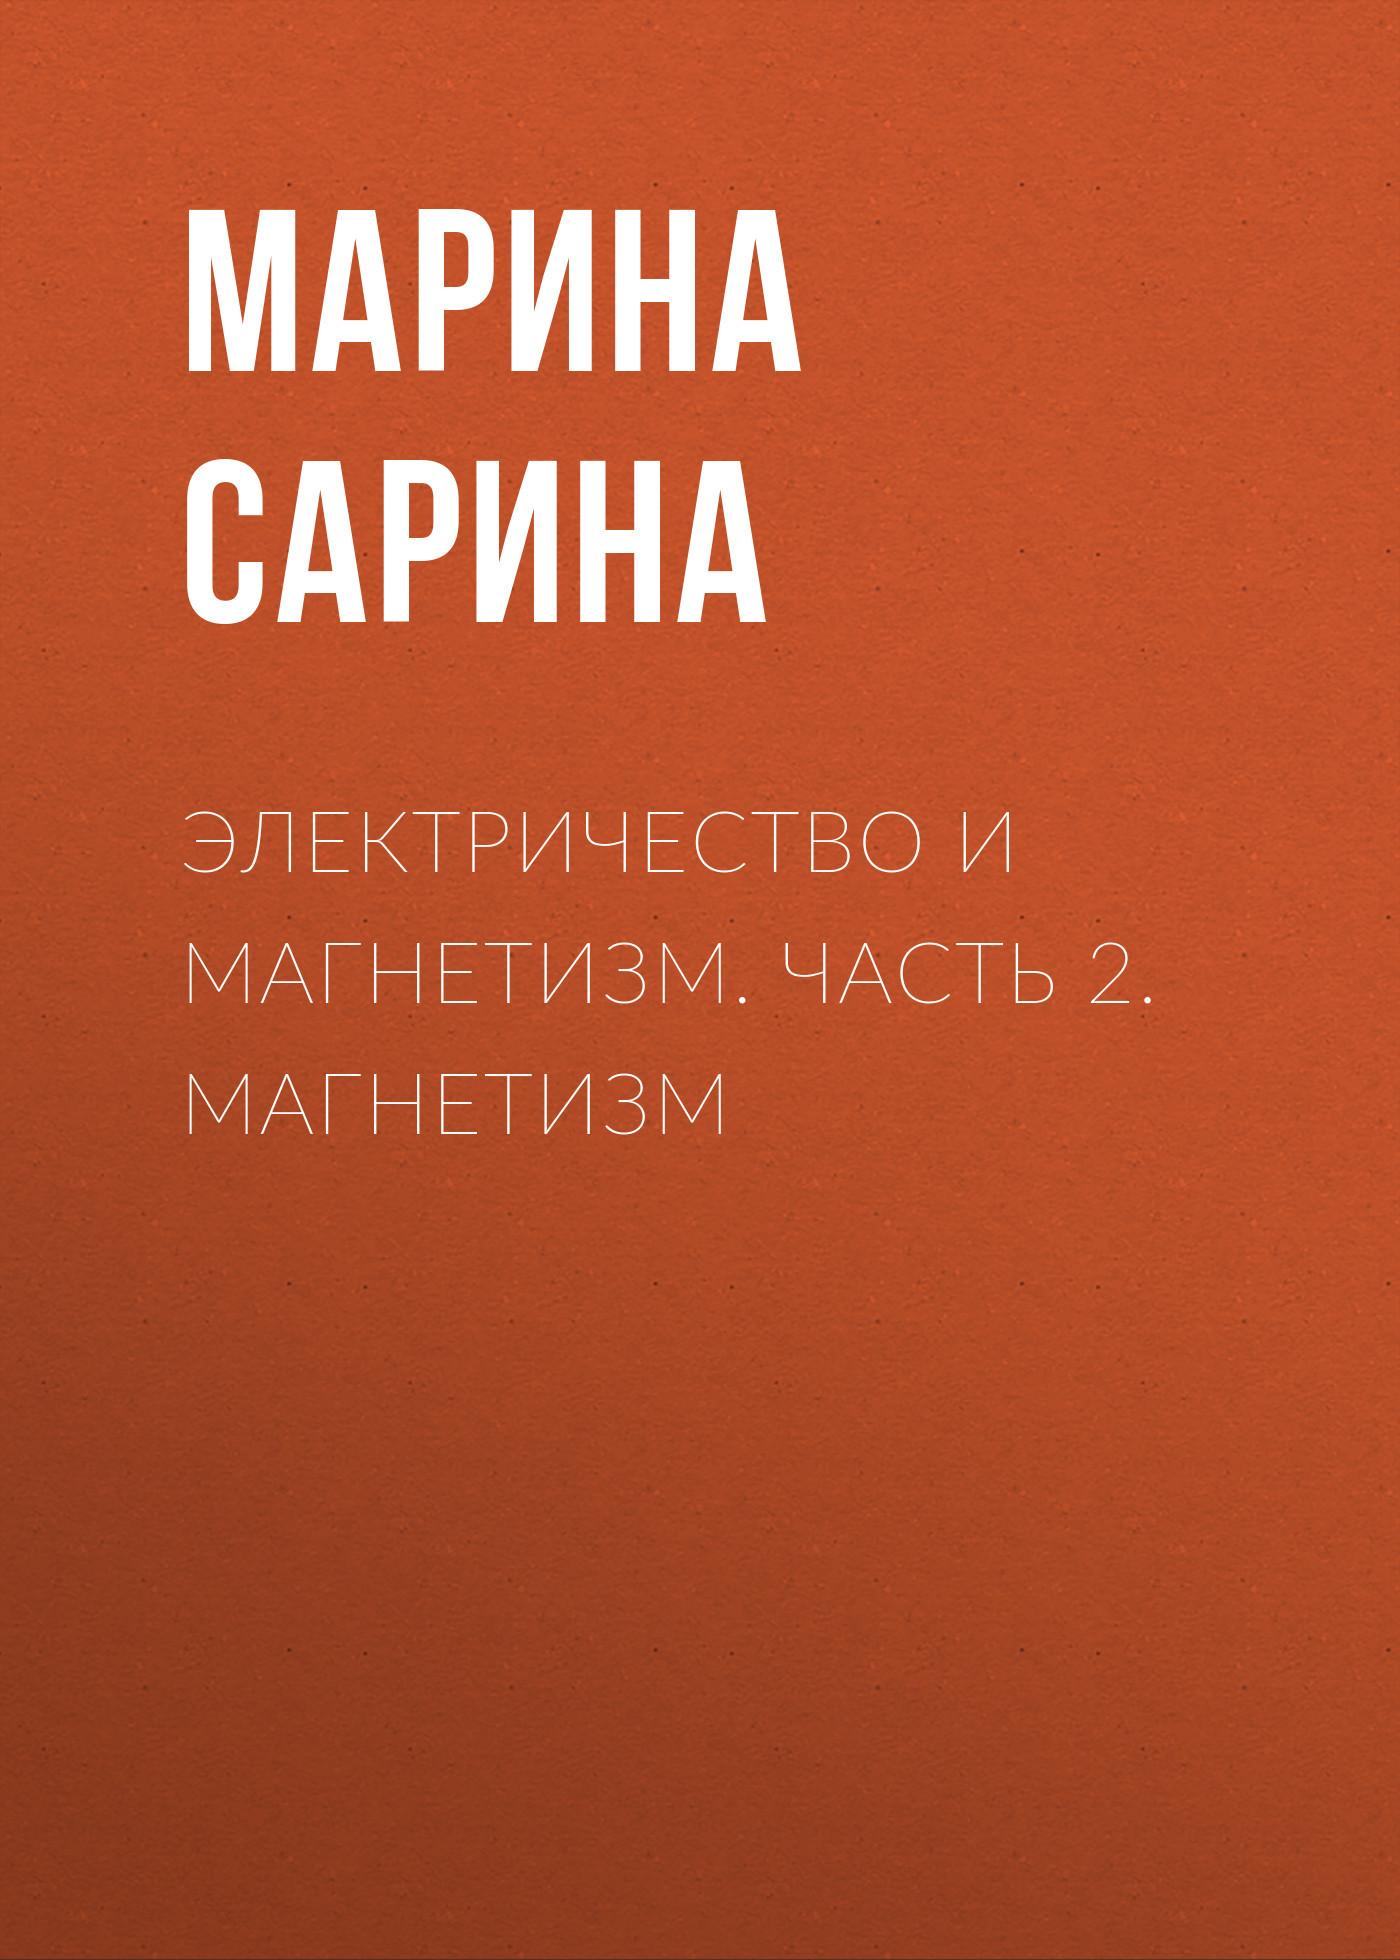 Марина Сарина Электричество и магнетизм. Часть 2. Магнетизм ISBN: 978-5-7782-2583-1 электротехника и магнетизм